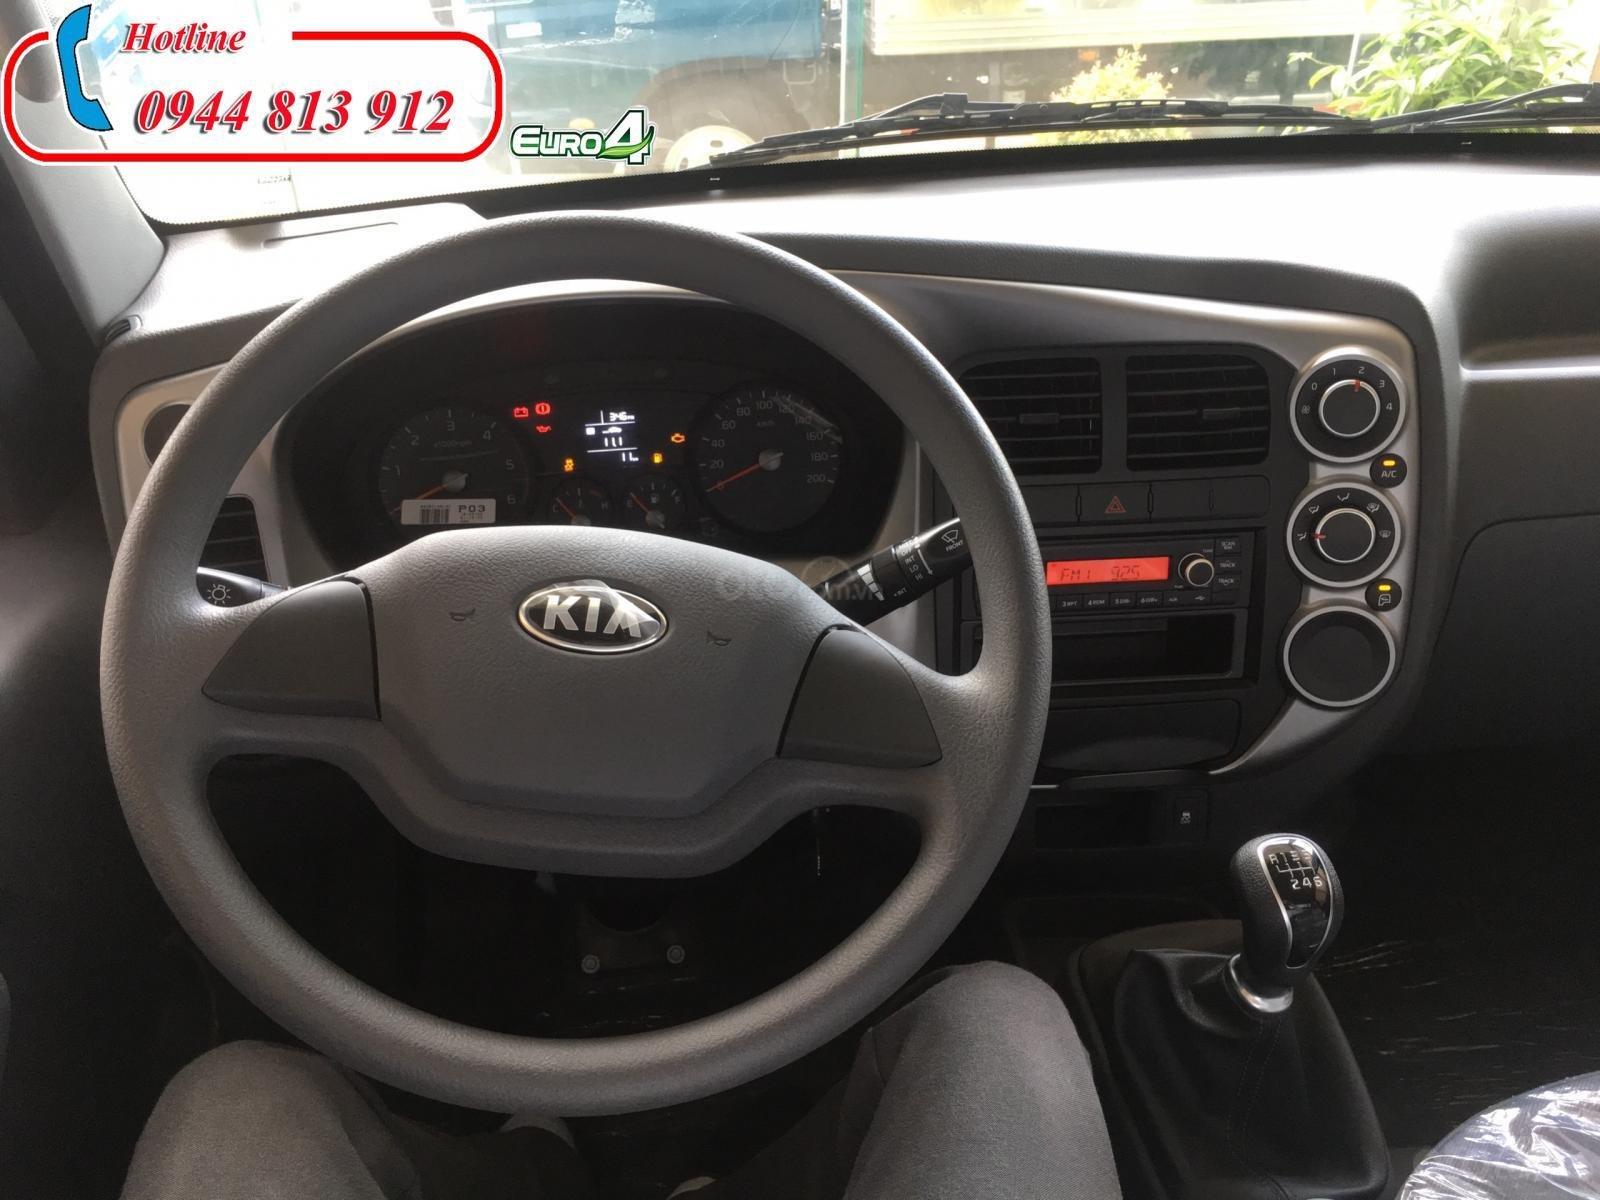 Xe tải 2 tấn, động cơ Hyundai, thùng kín - Thaco Kia K200 - Giao xe ngay tại Bình Dương - LH: 0944 813 912-3